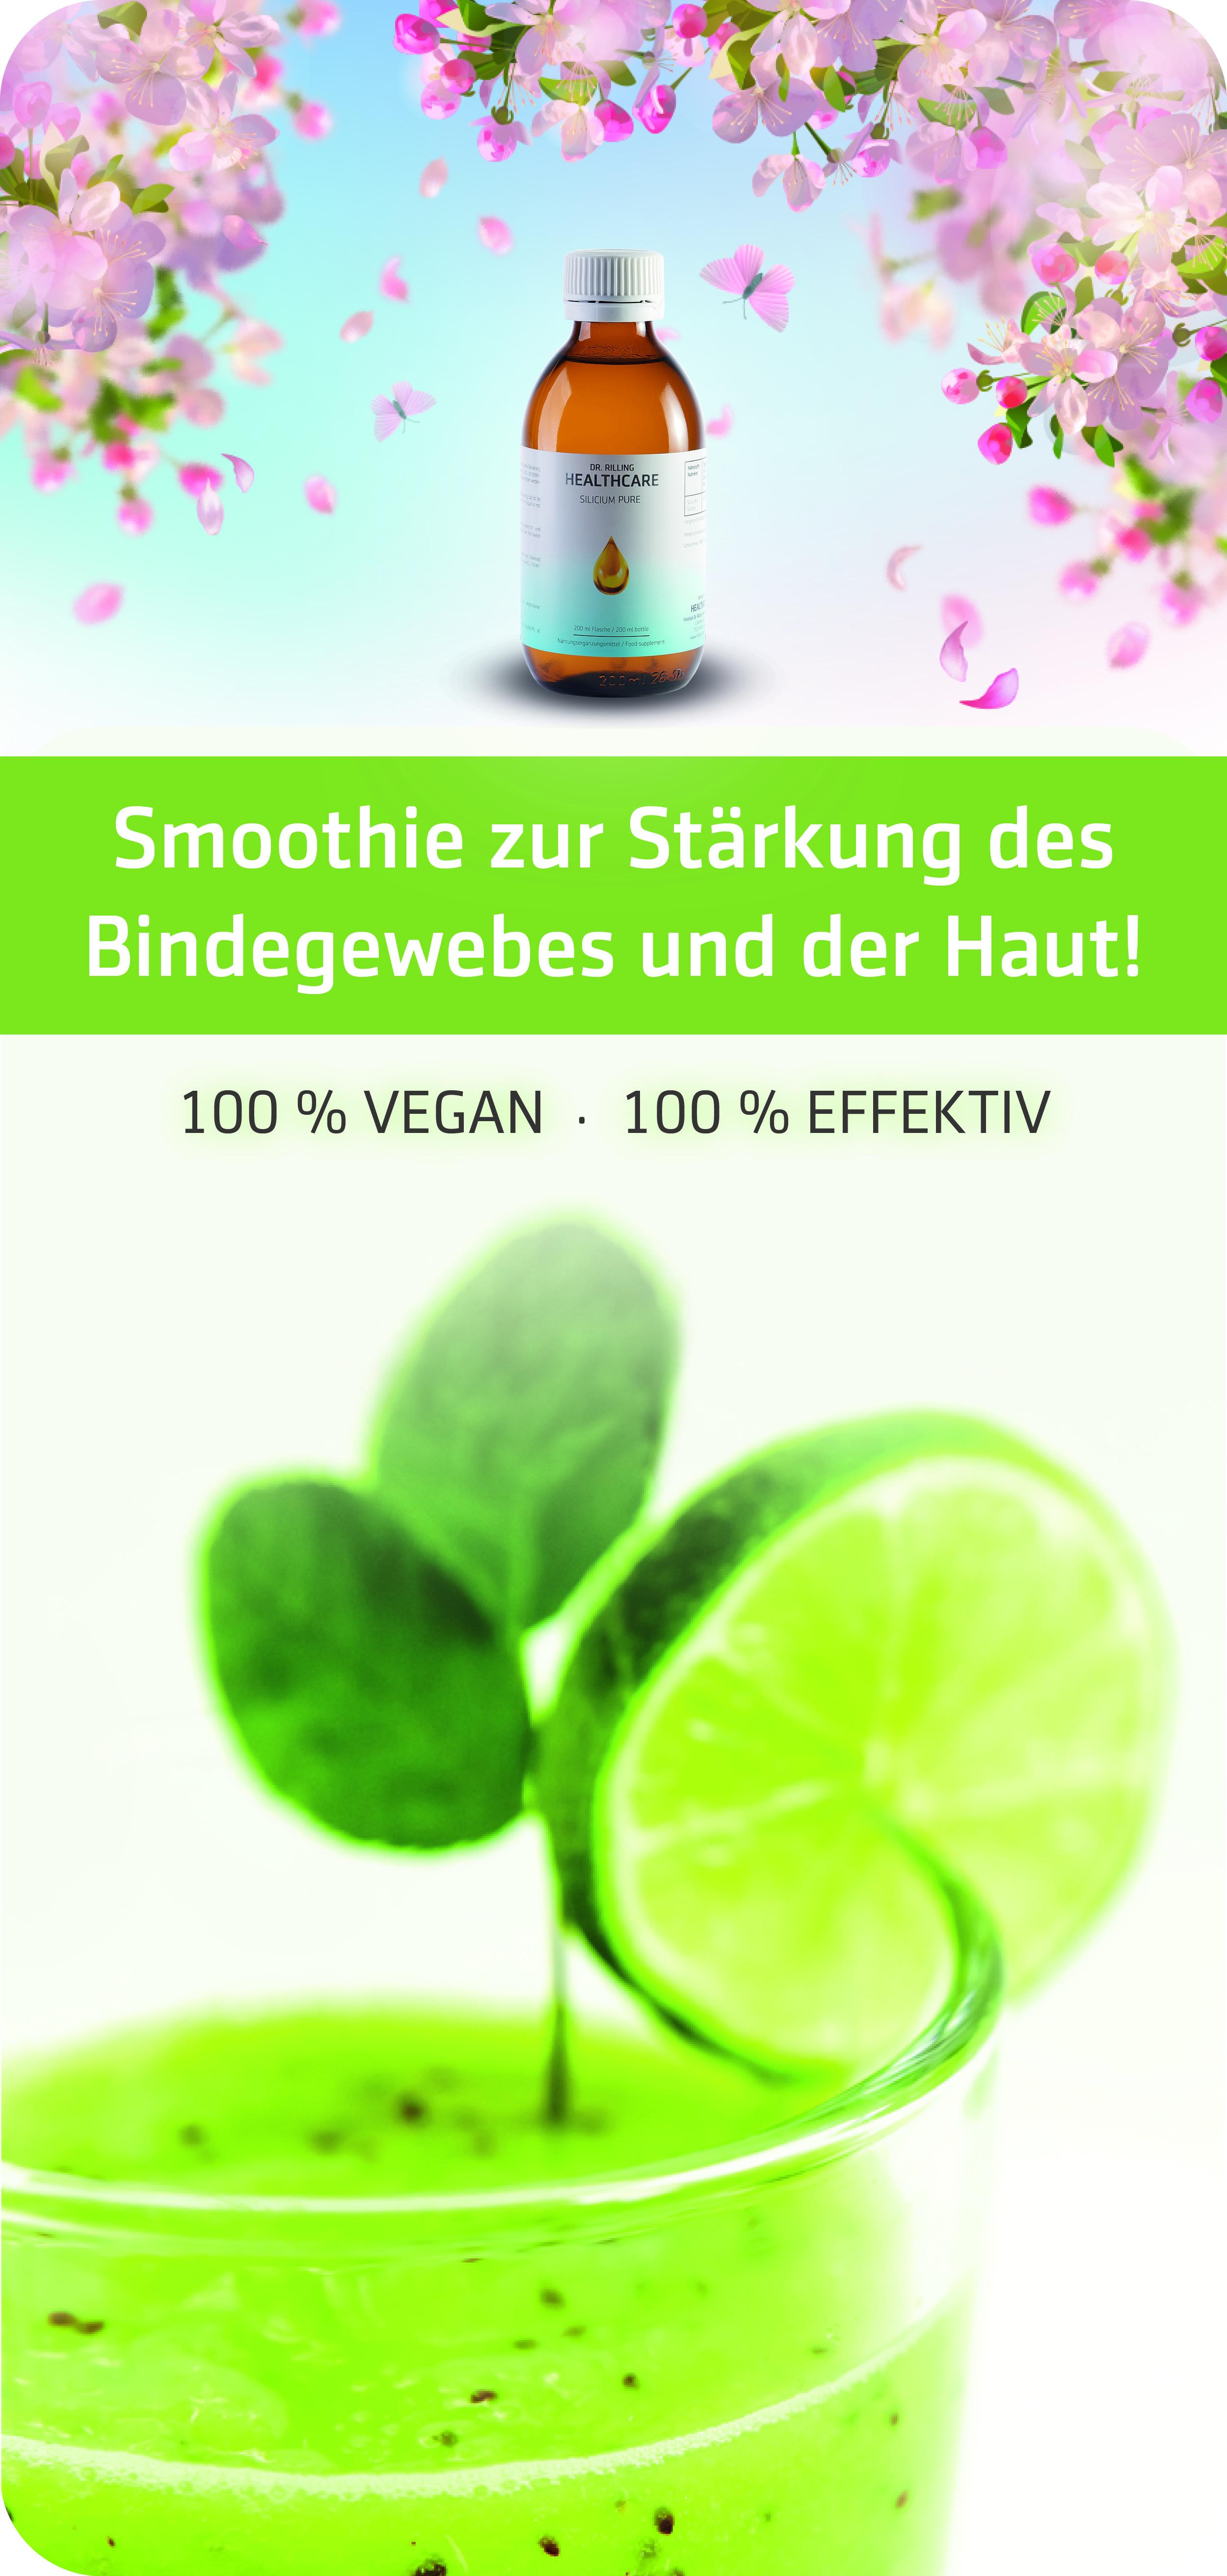 20200512_Pinterest-Mai-2020_Smoothie-gruen2-mit-Silicium-Pure_BRXtefwDBCrrZJH